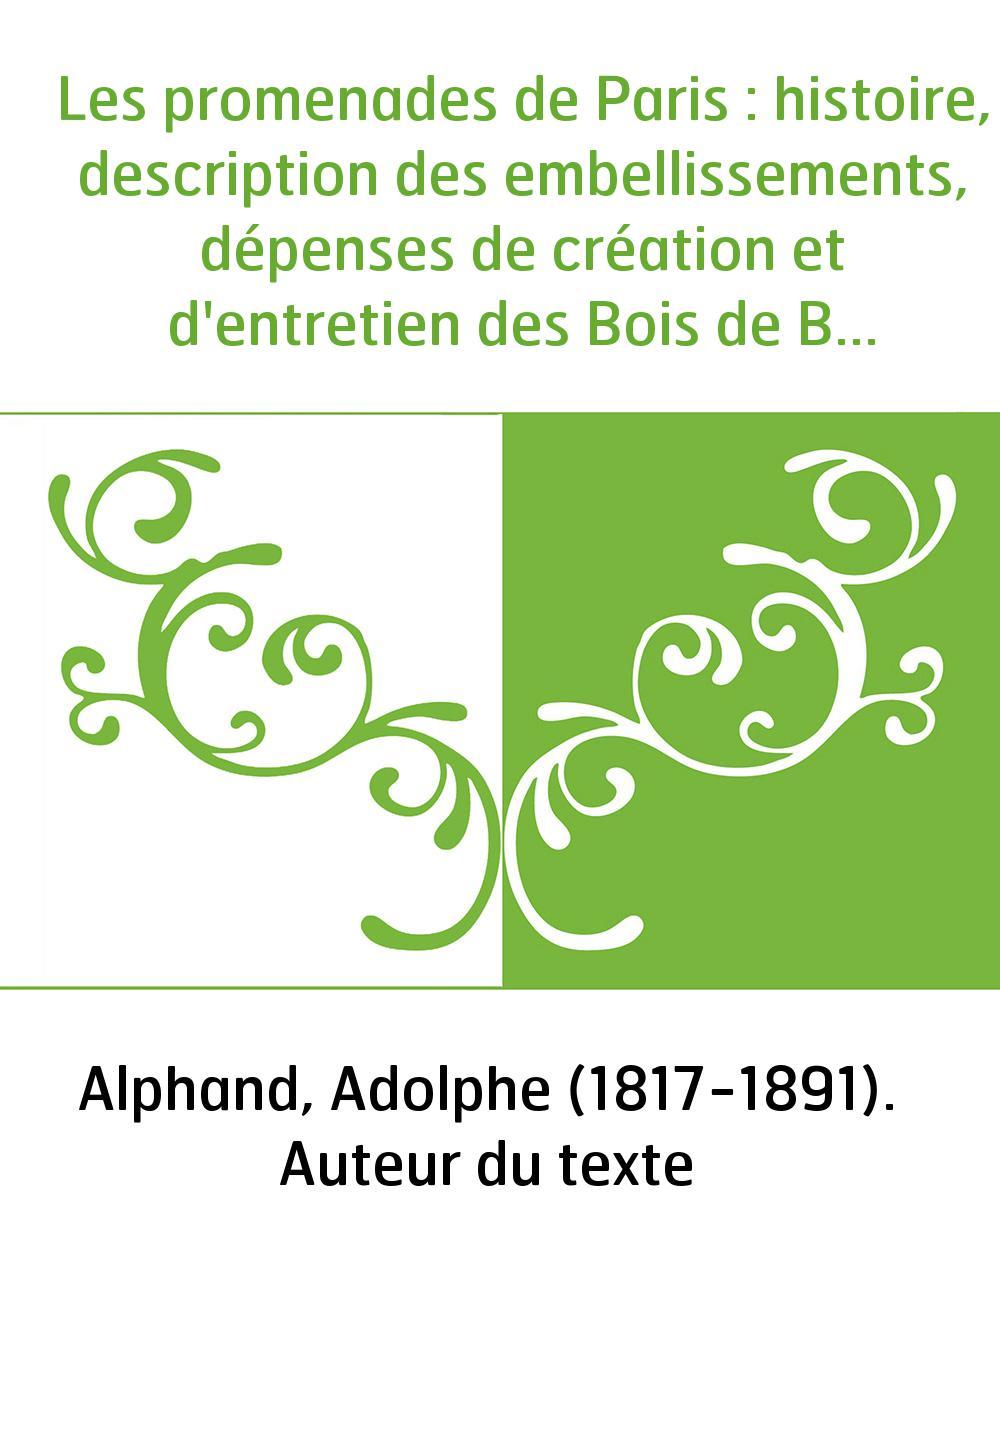 Les promenades de Paris : histoire, description des embellissements, dépenses de création et d'entretien des Bois de Boulogne et